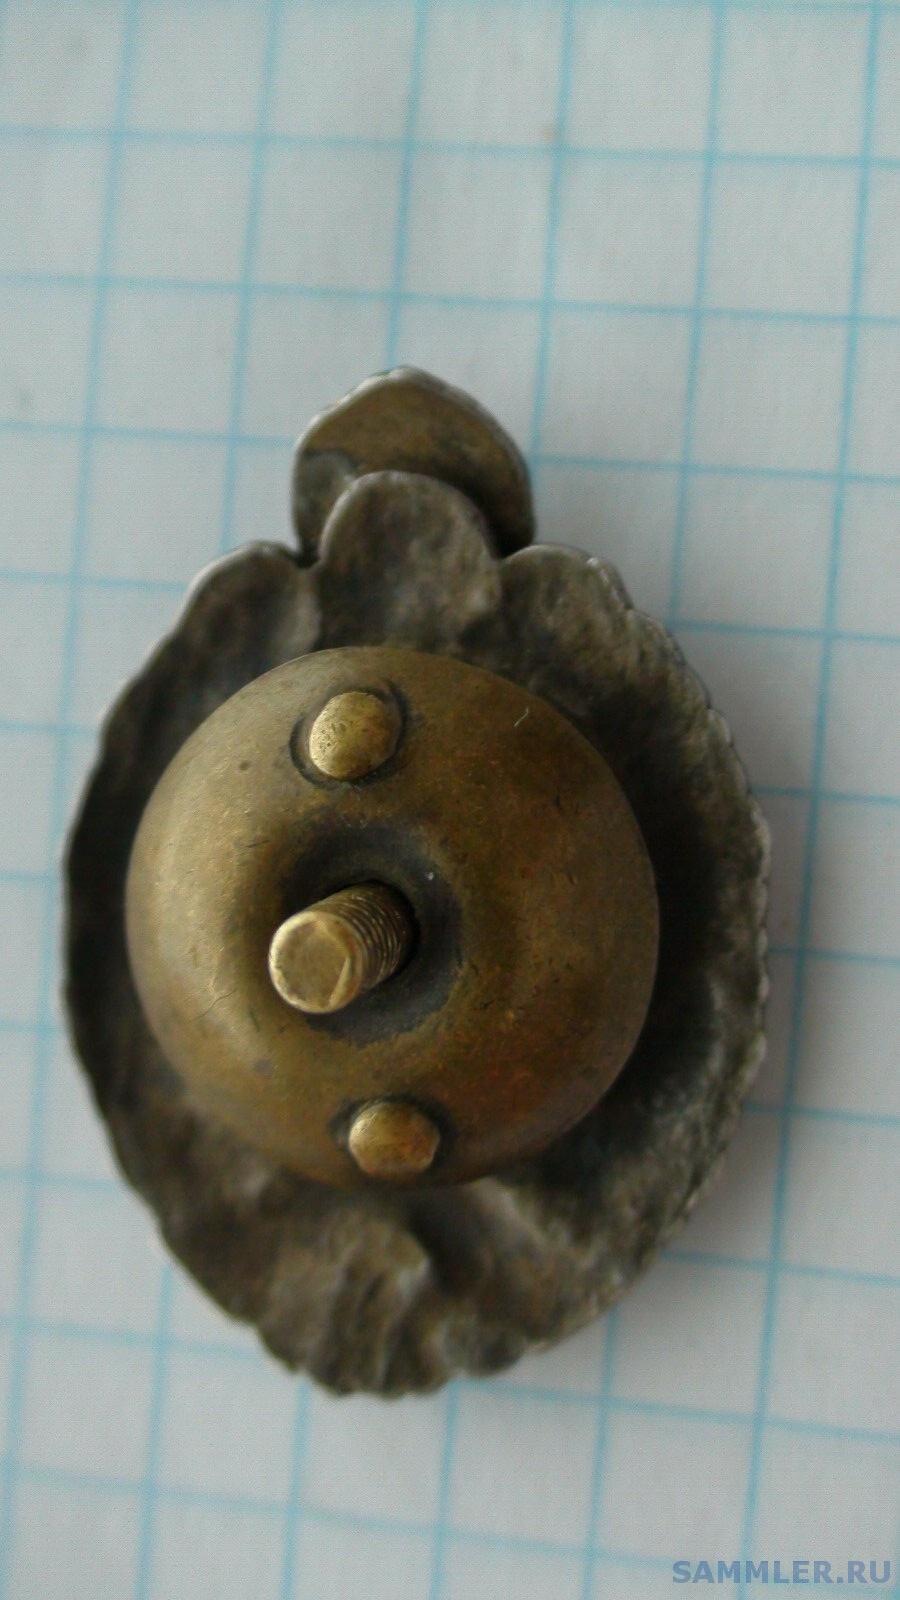 s-l1600 (9).jpg